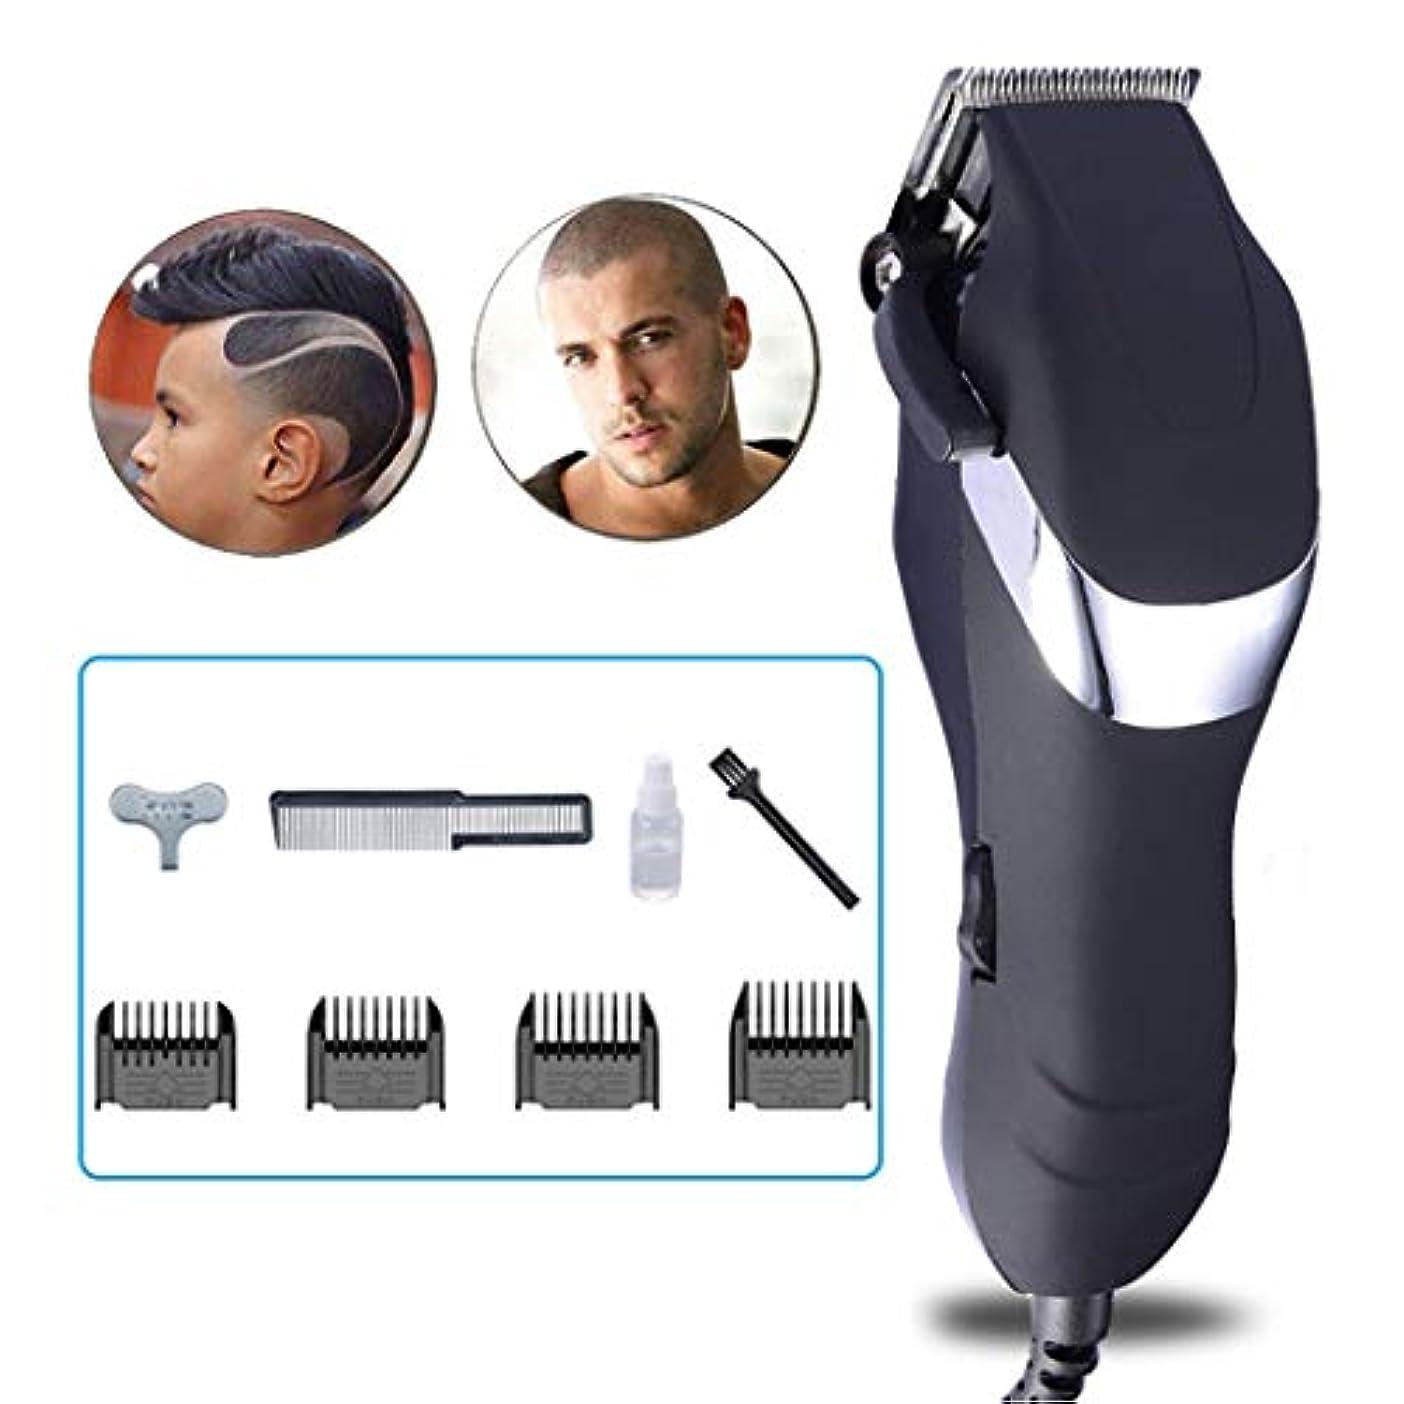 心理的に服それる男性ひげのバリカン、毎日のヘアカット家庭用髪のコードレス充電式トリマーバリカン